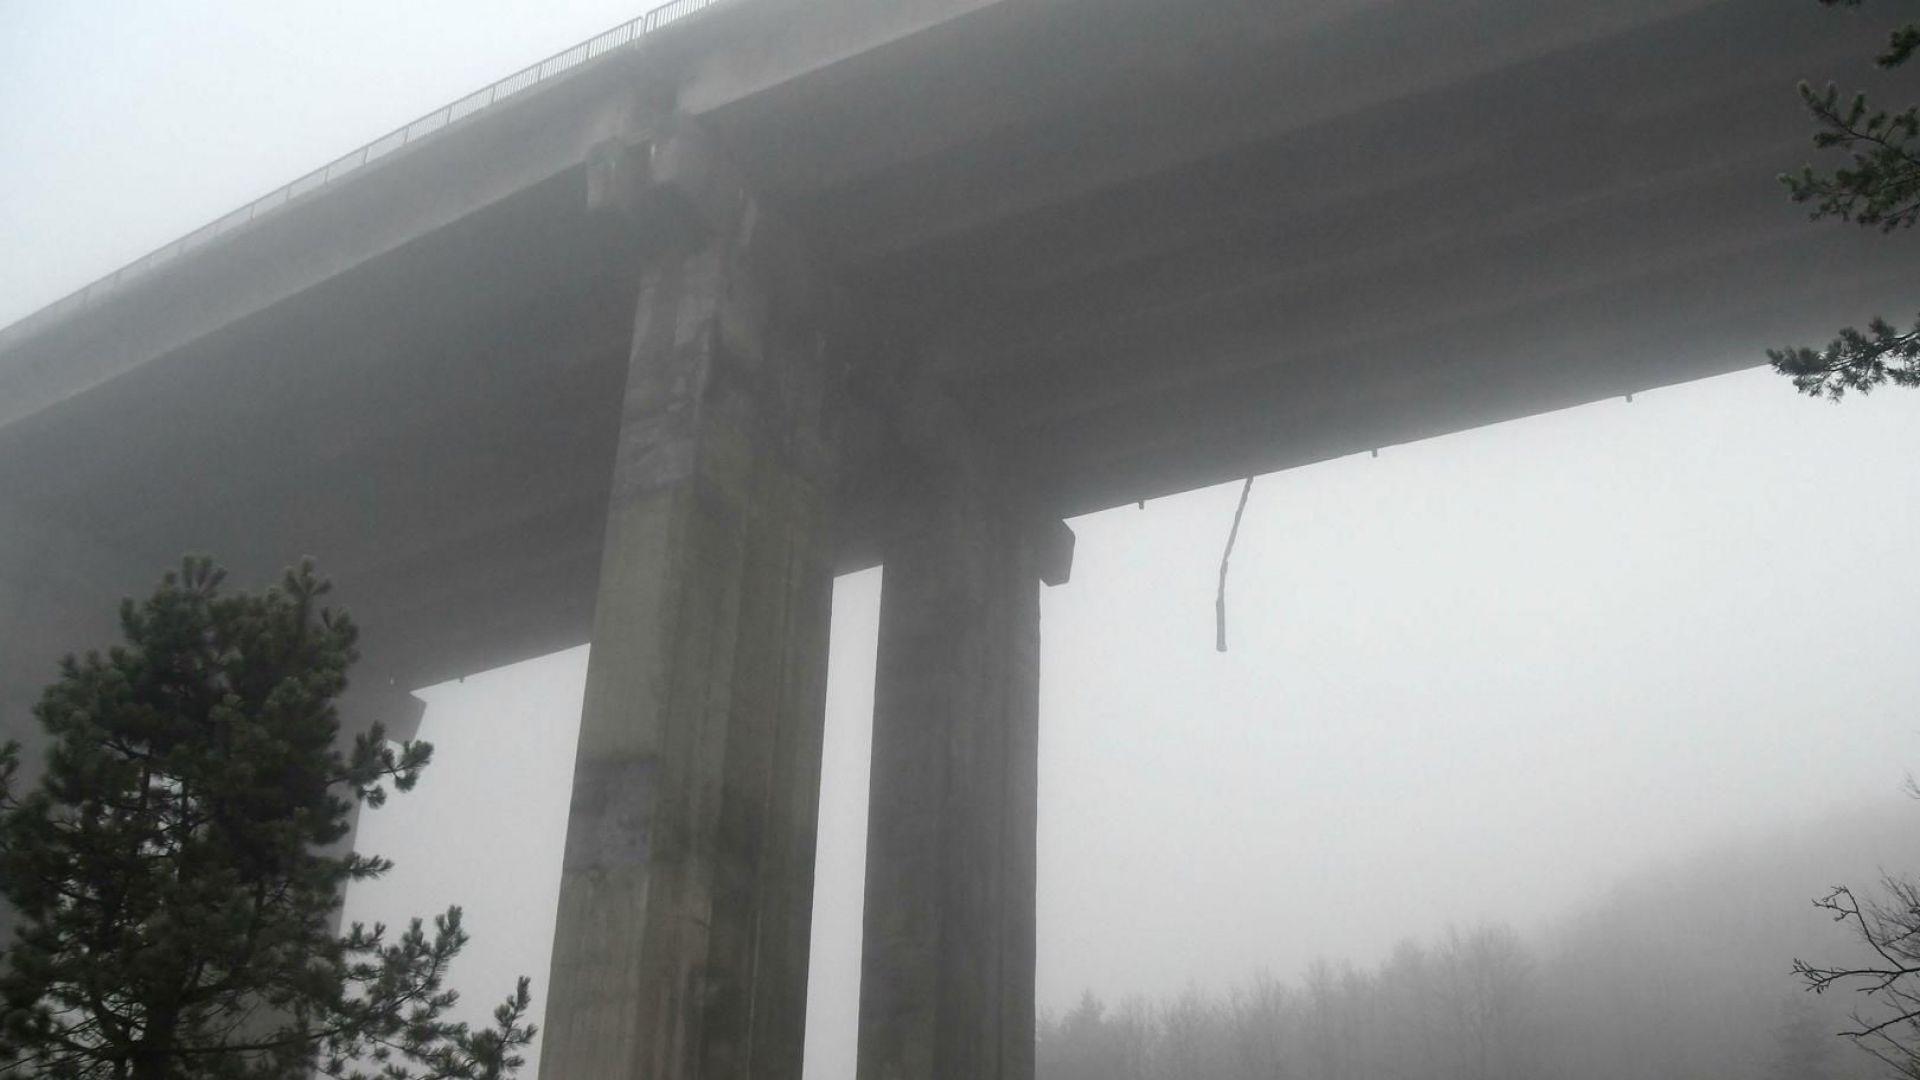 Още пътни мостове ще падат, ние сме късметлии засега